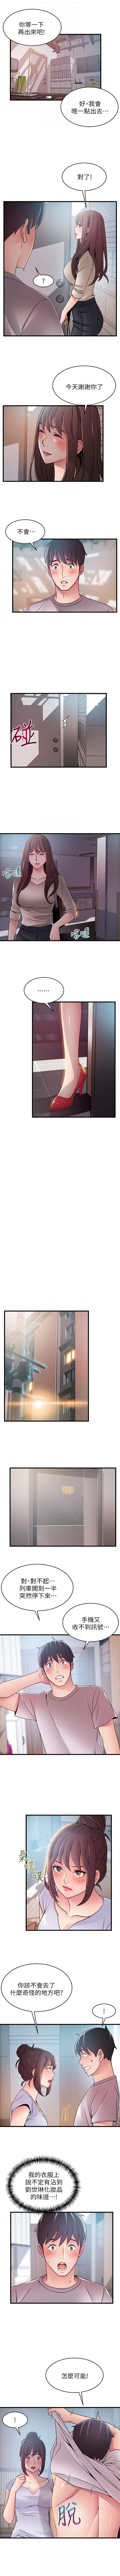 弱點 1-101 官方中文(連載中) 291